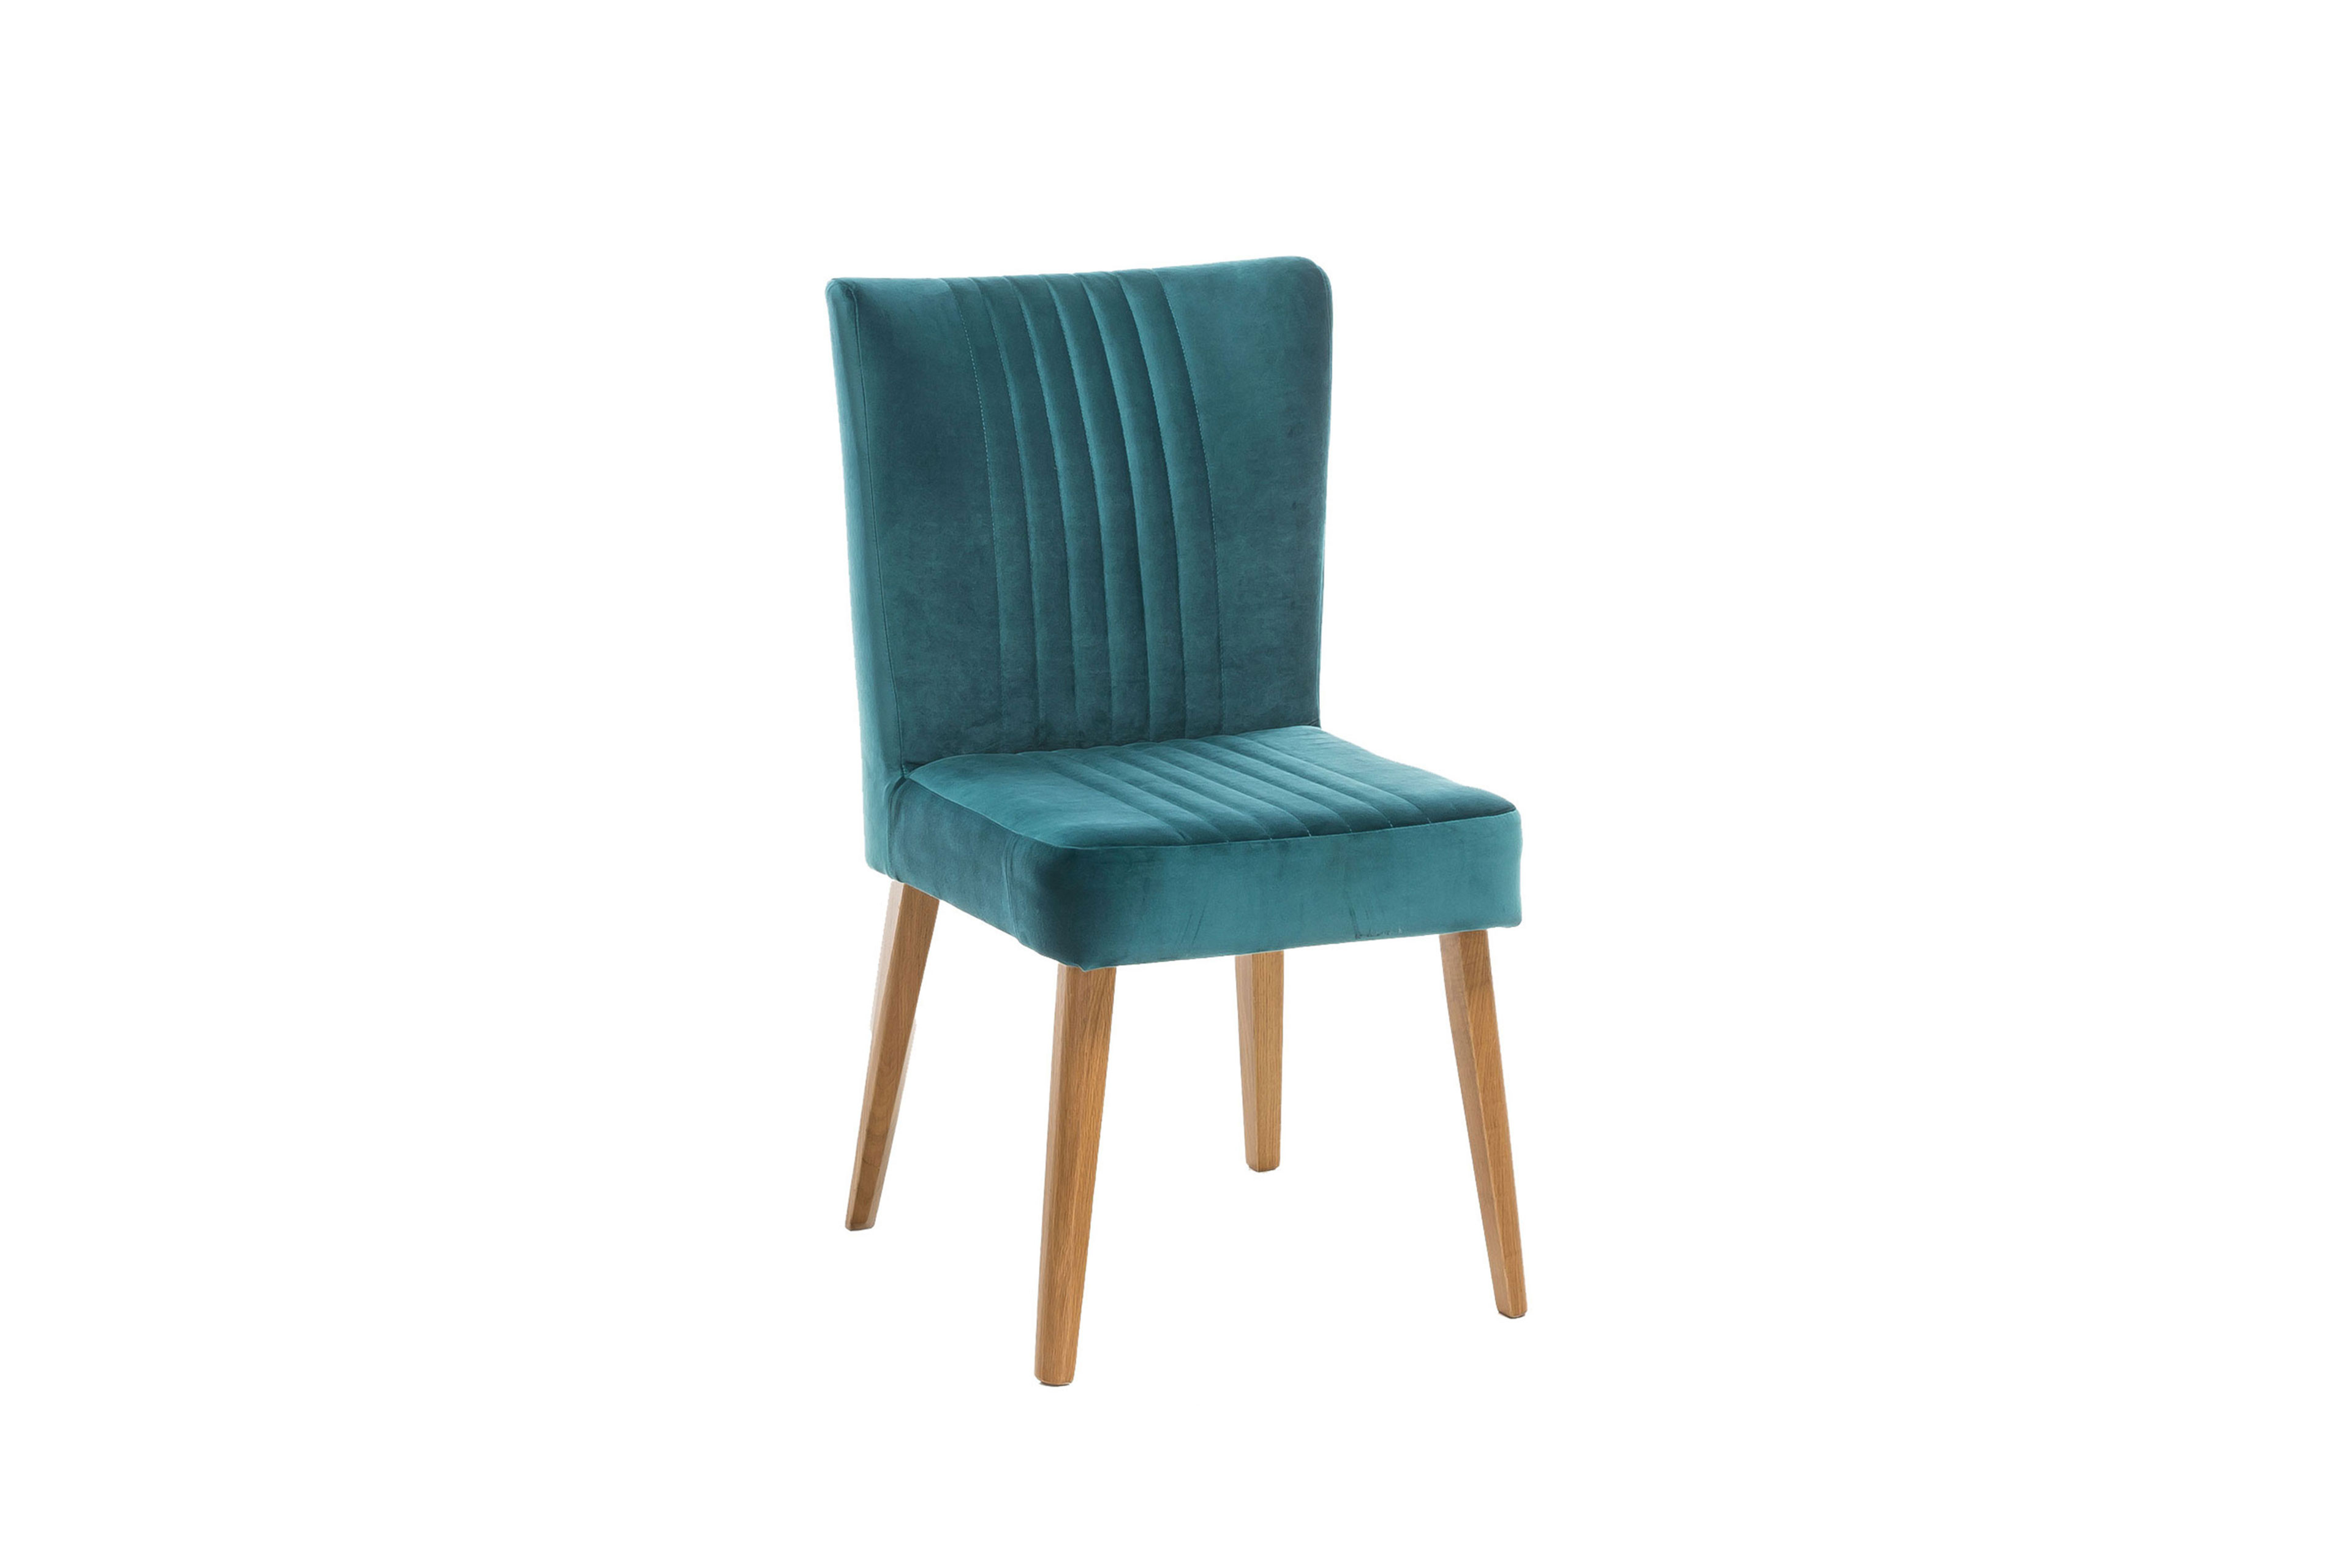 Petrol Stuhl Eiche Jan Furniture Aus Natur Standard Von kiuTwOPZX